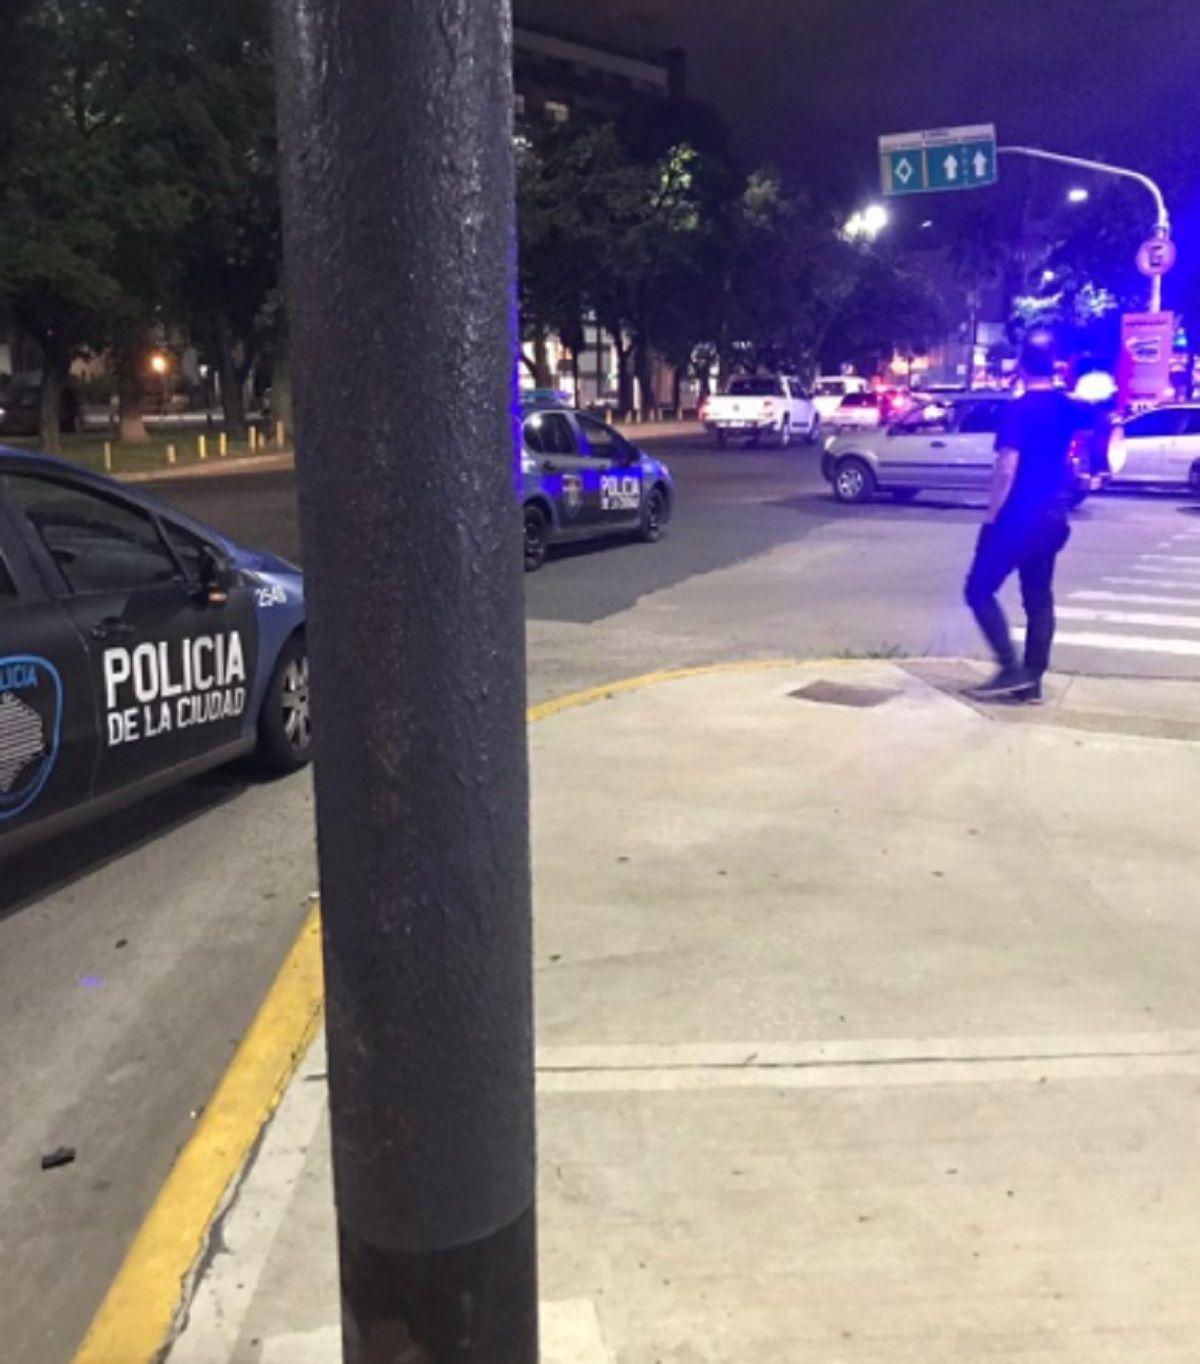 Corridas, piedrazos y destrozos: hinchas de Boca y de Vélez se enfrentaron en Liniers